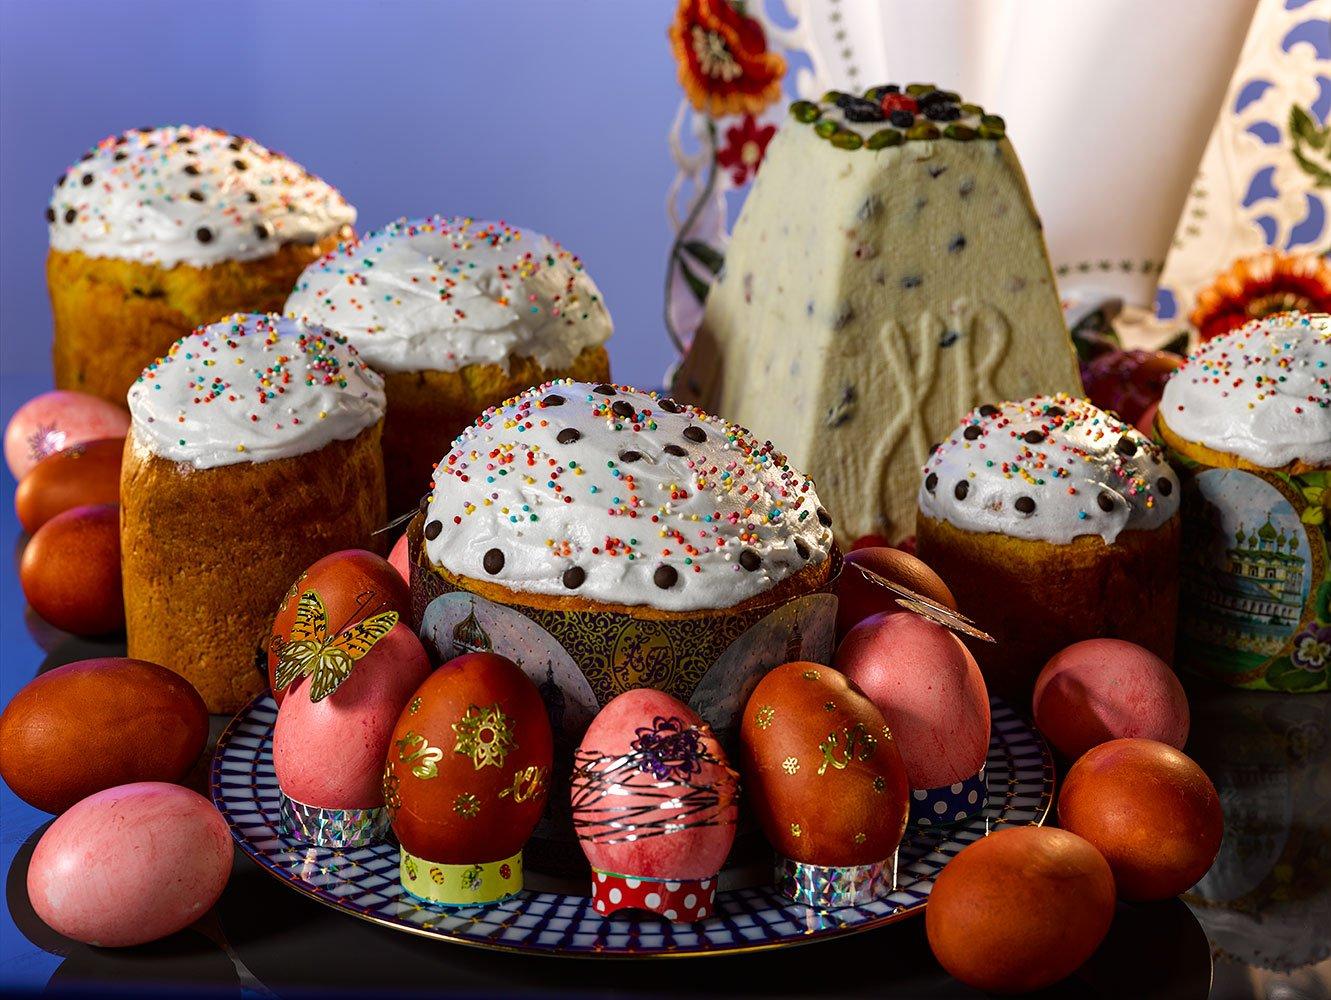 праздник пасха кулич яйца  № 2646803 загрузить